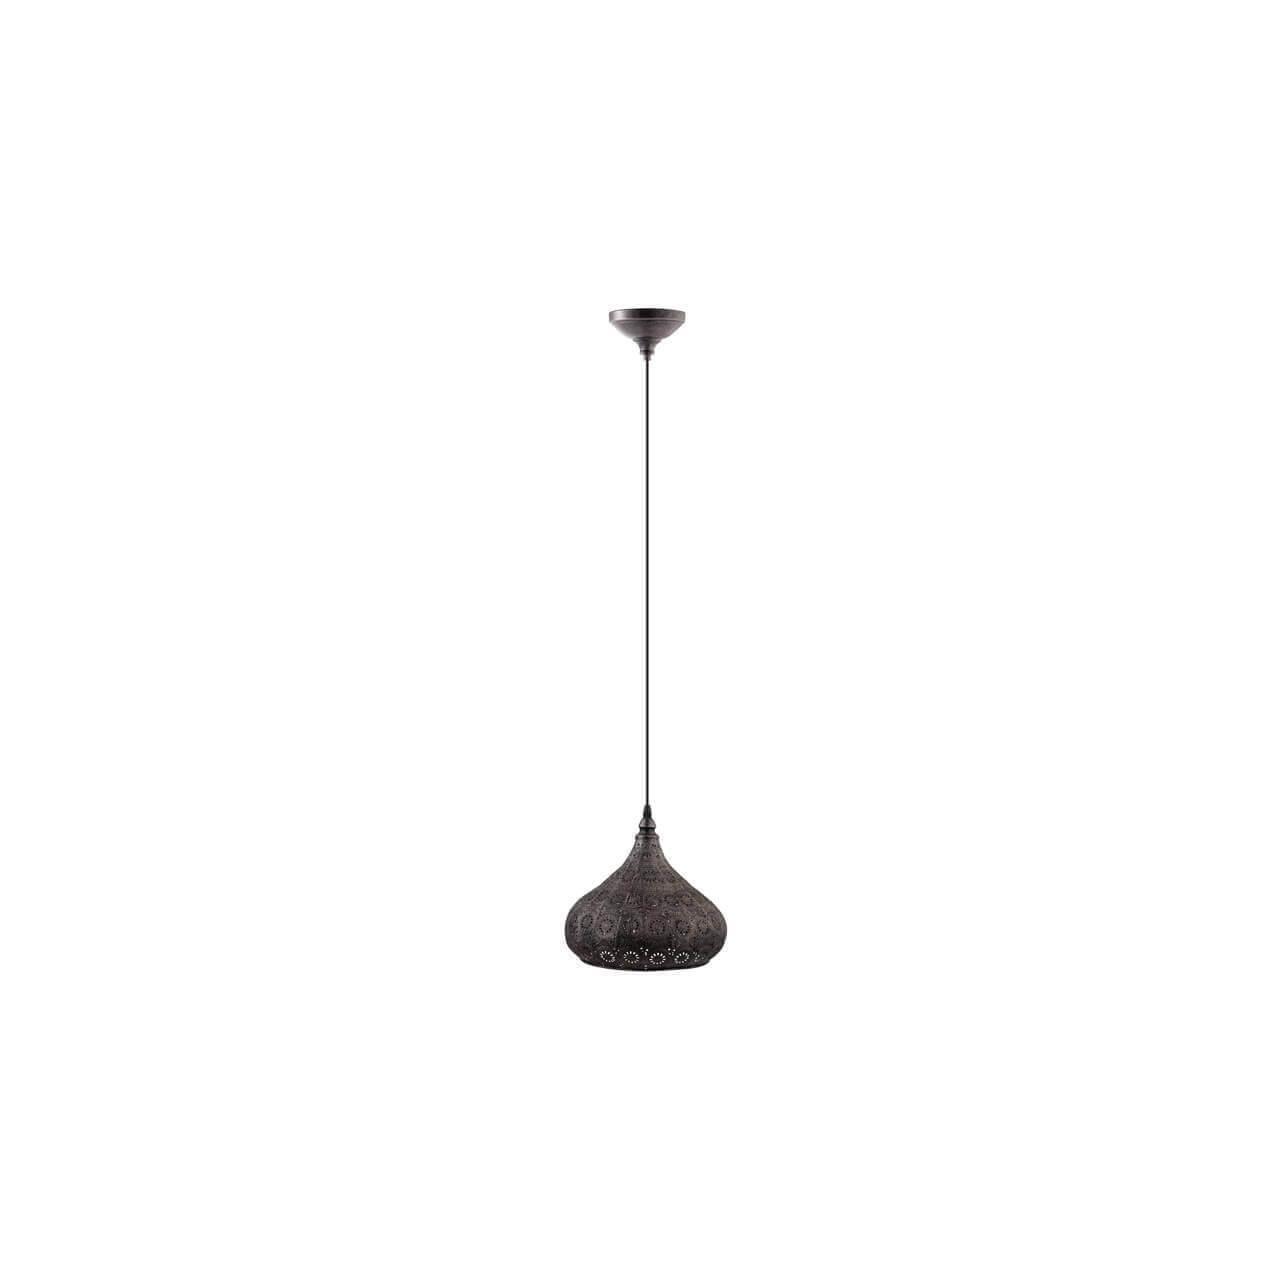 Подвесной светильник Eglo 49714, E27, 60 Вт